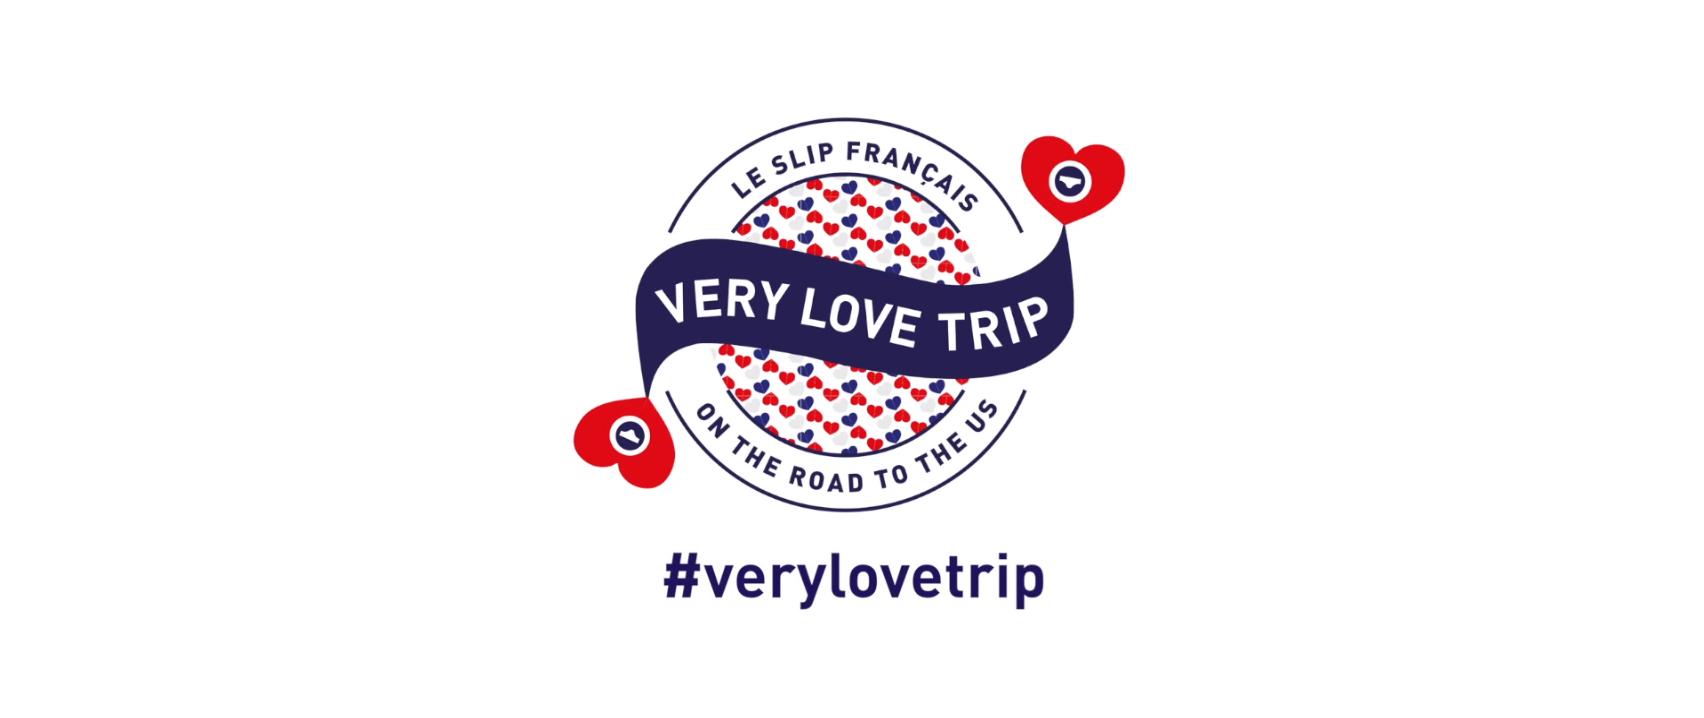 le slip français lance sa campagne de crowfunding #verylovetrip pour s'installer aux états unis